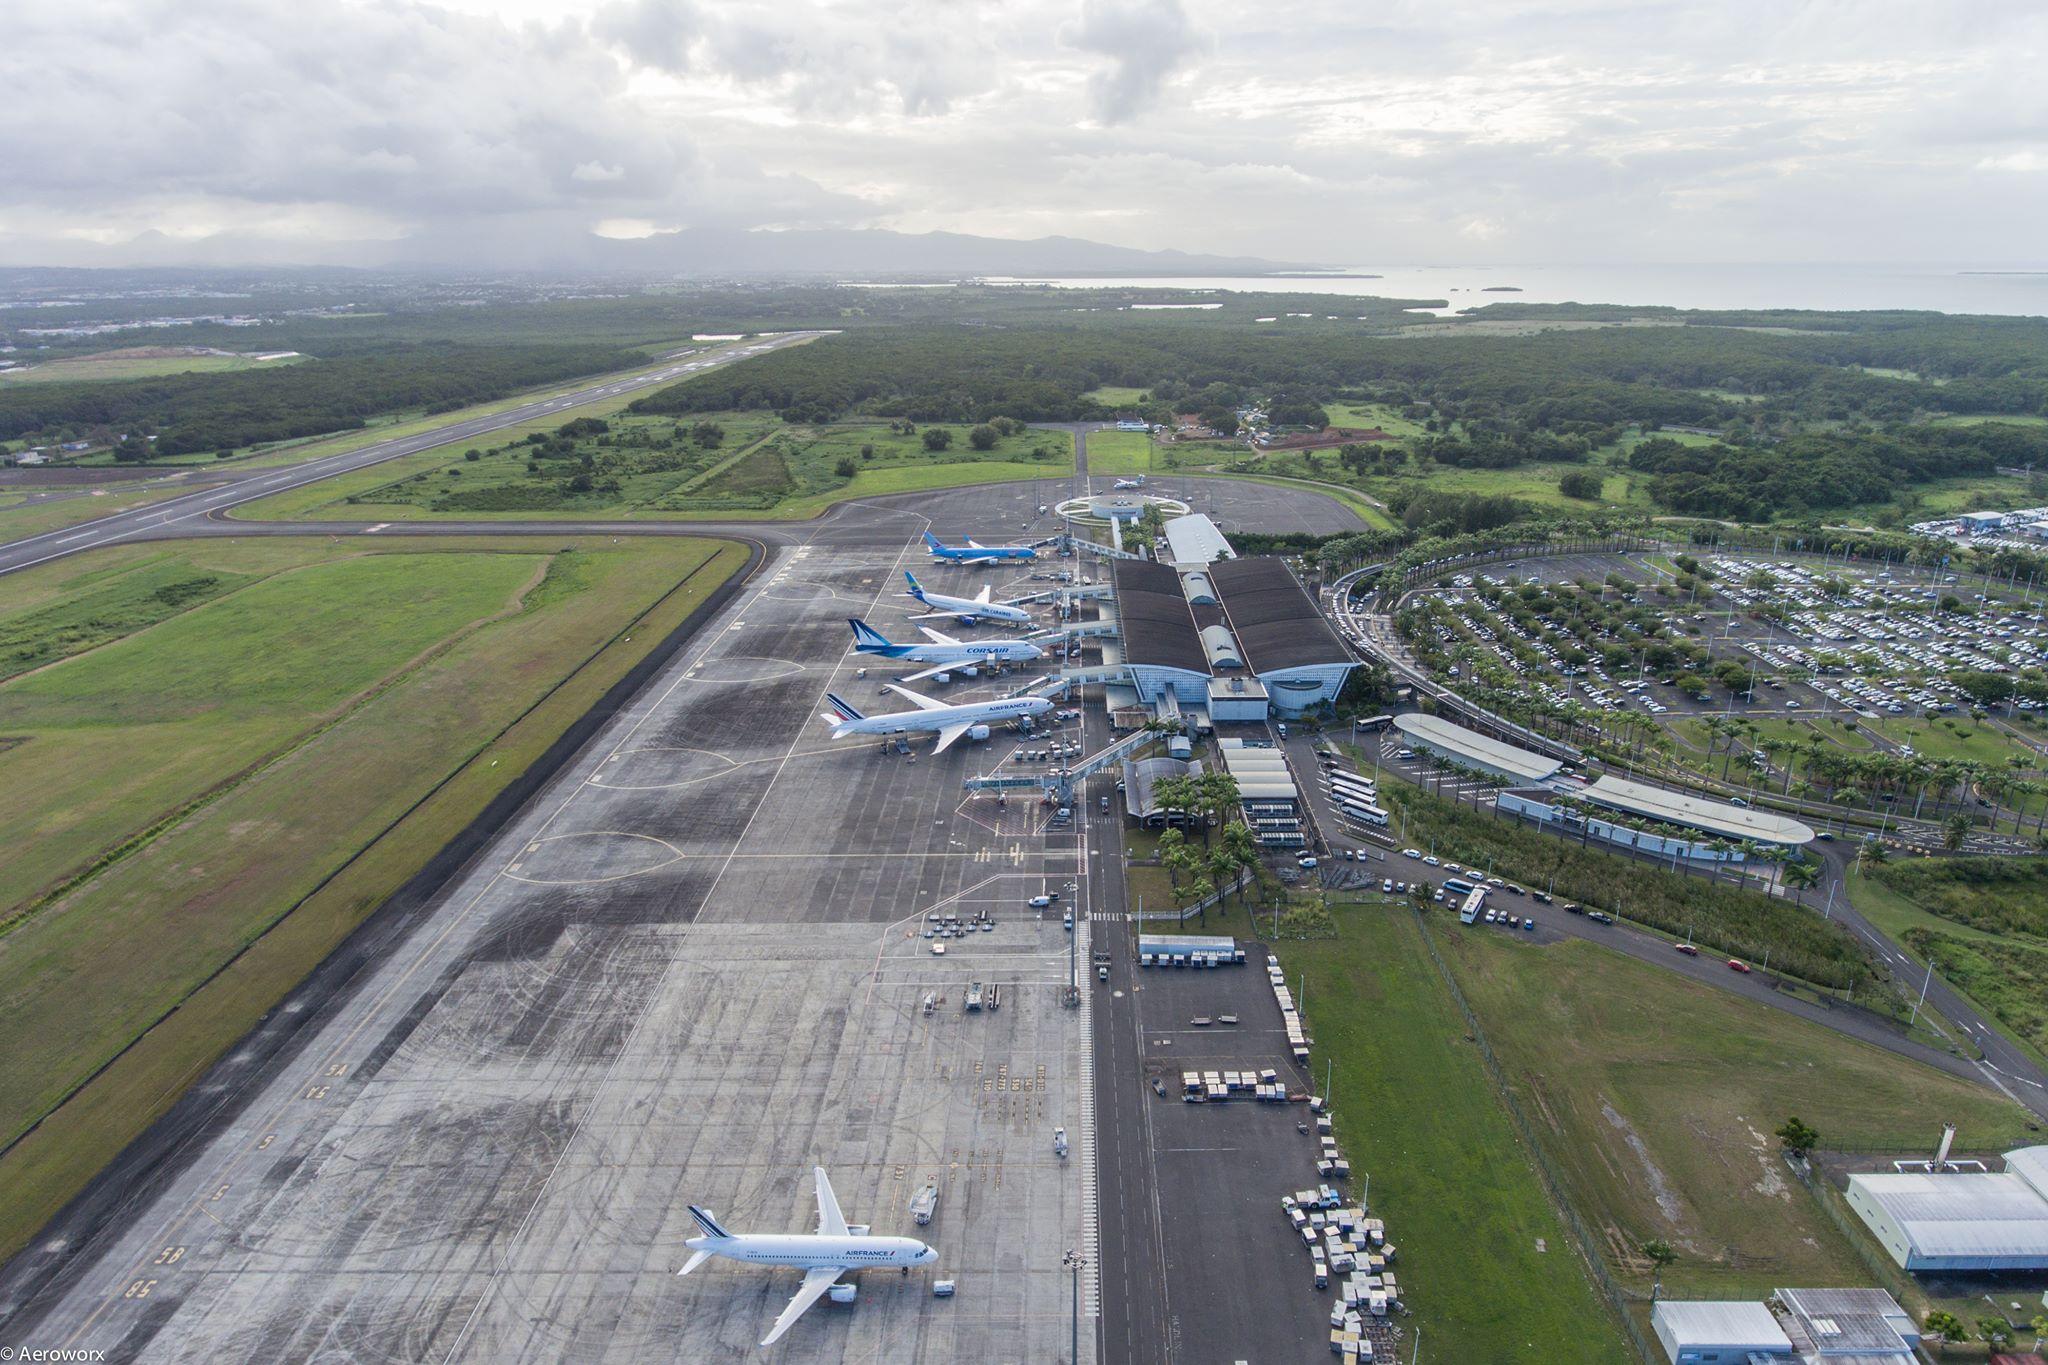 Guadeloupe : À l'Aéroport de Pointe-à-Pitre, la fréquentation en chute libre